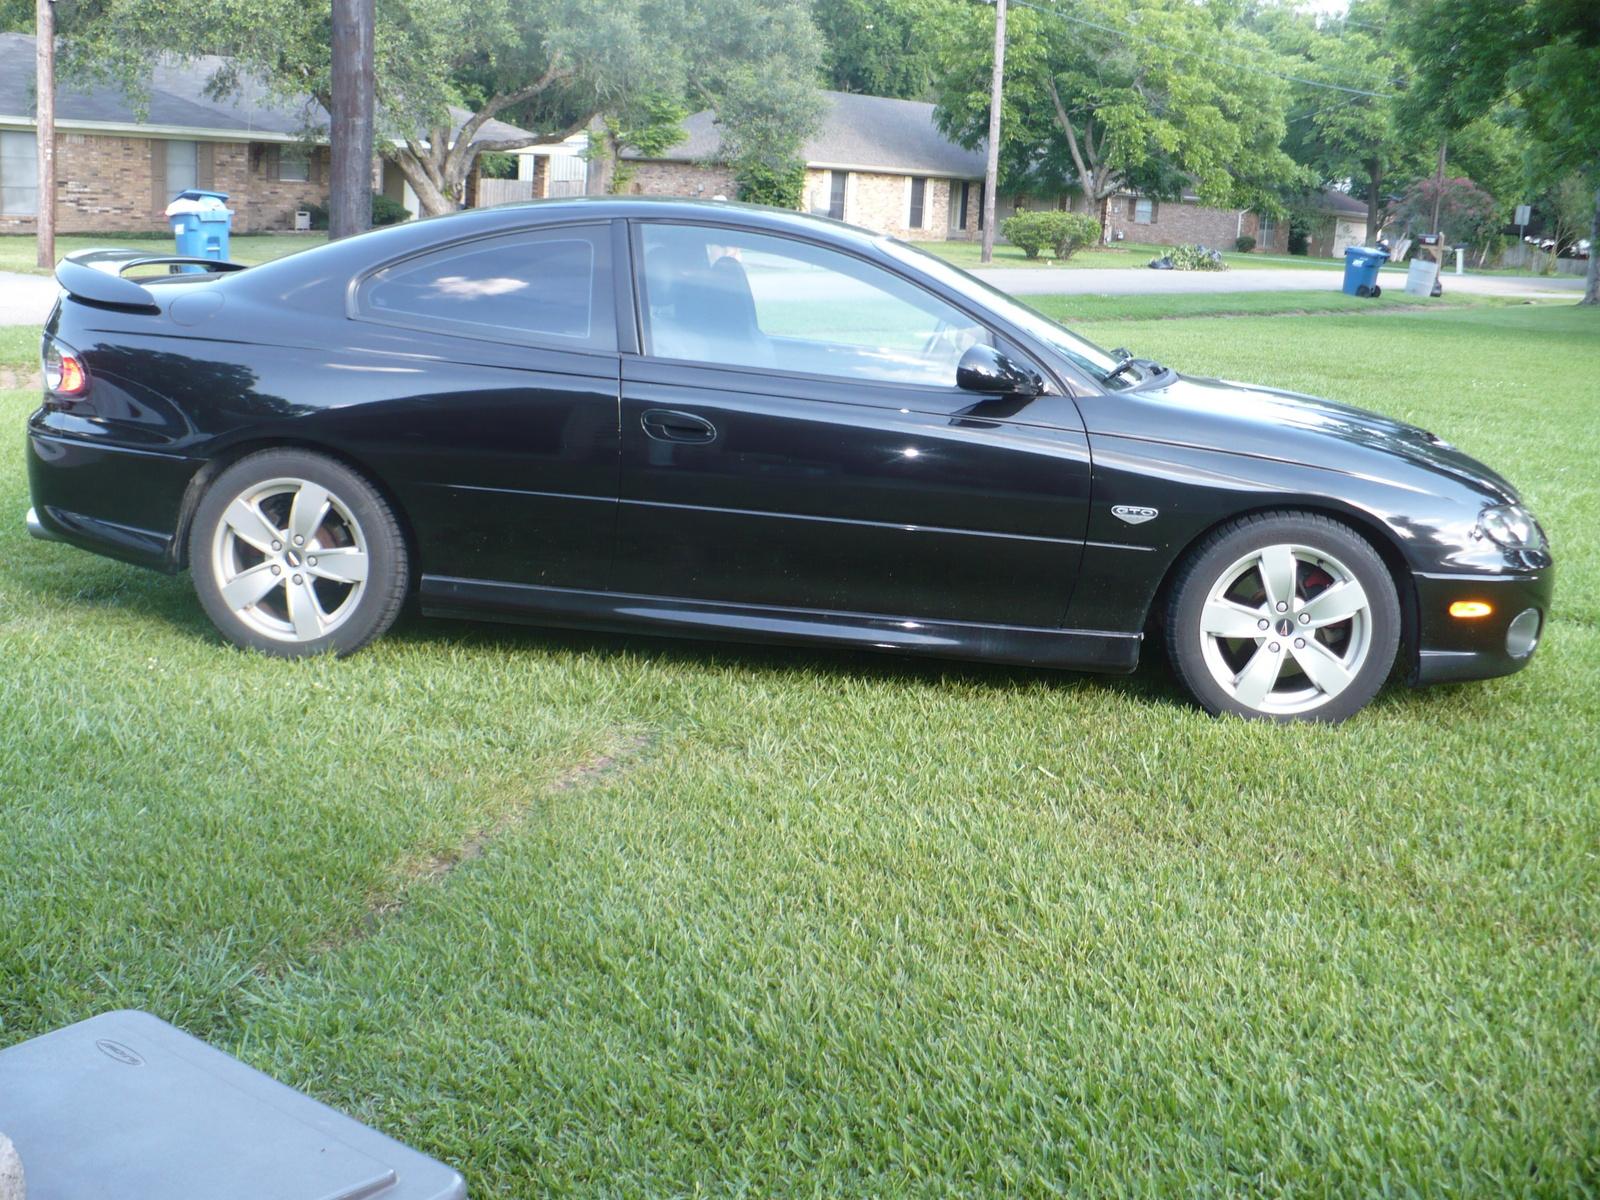 2006 Pontiac GTO   Pictures   CarGurus 1600x1200